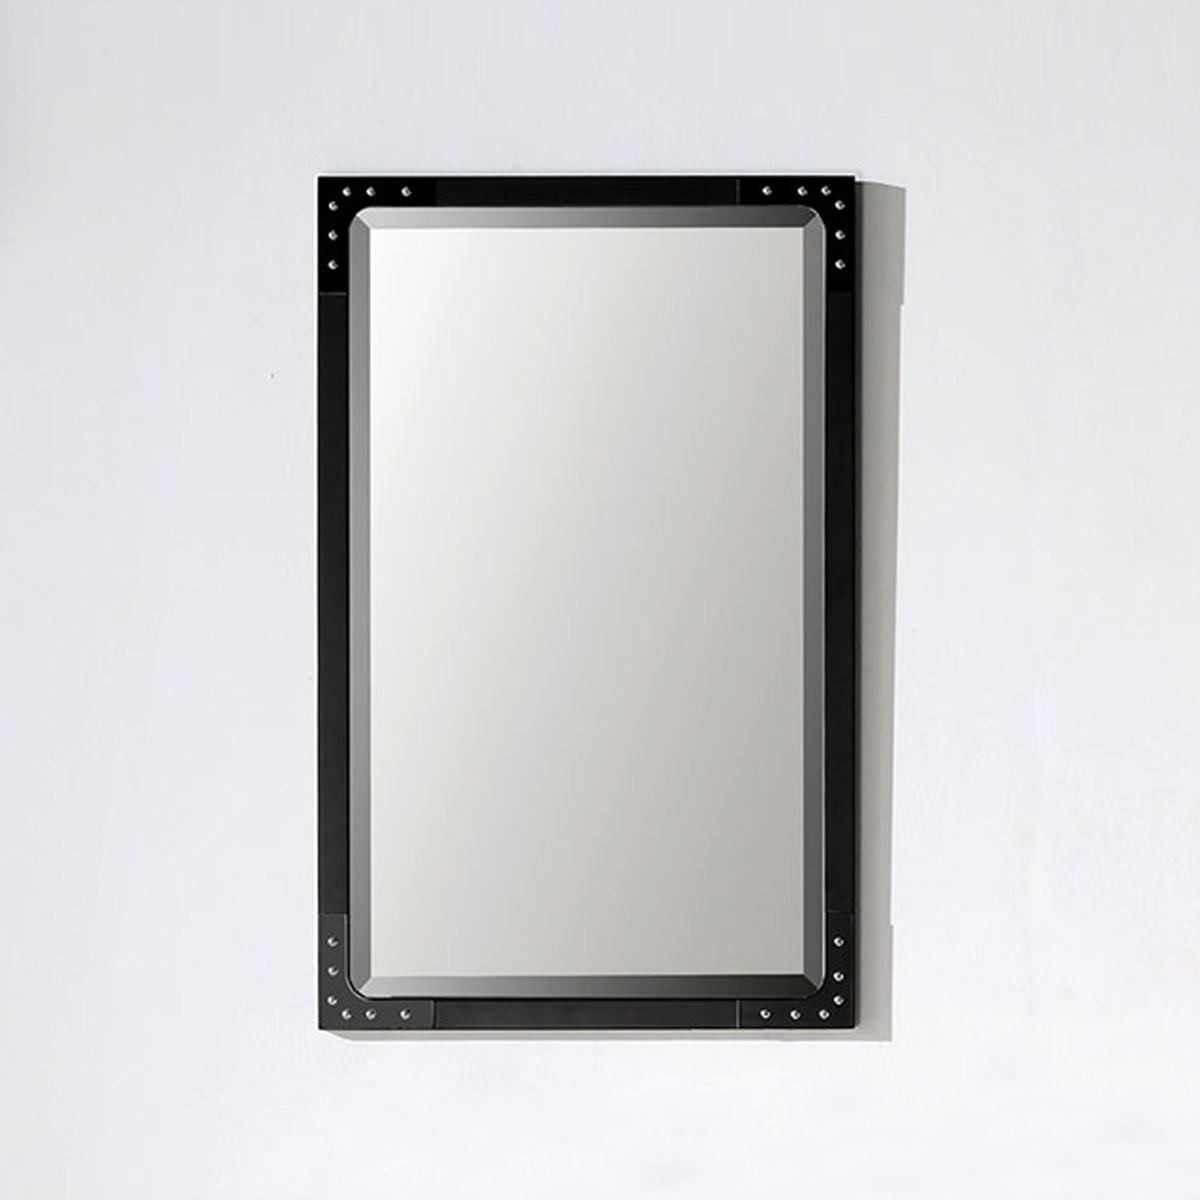 35 x 22 In. Bathroom Vanity Mirror (DK-5730-BM)